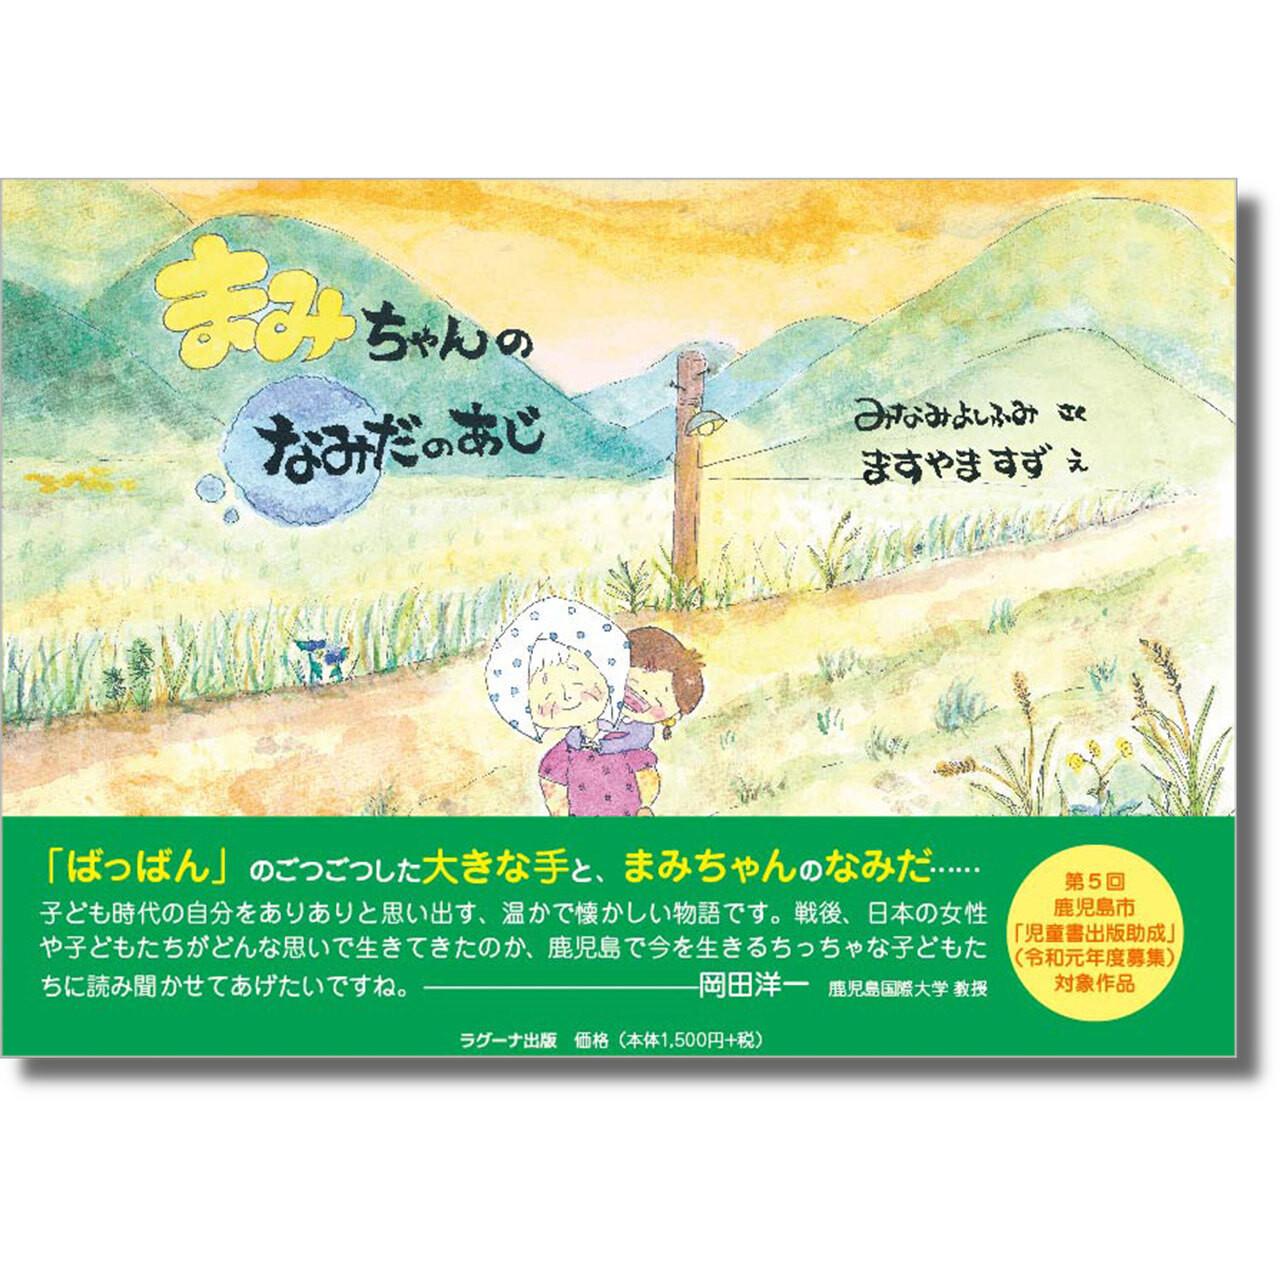 鹿児島市第5回児童書出版助成作品 まみちゃんのなみだのあじ